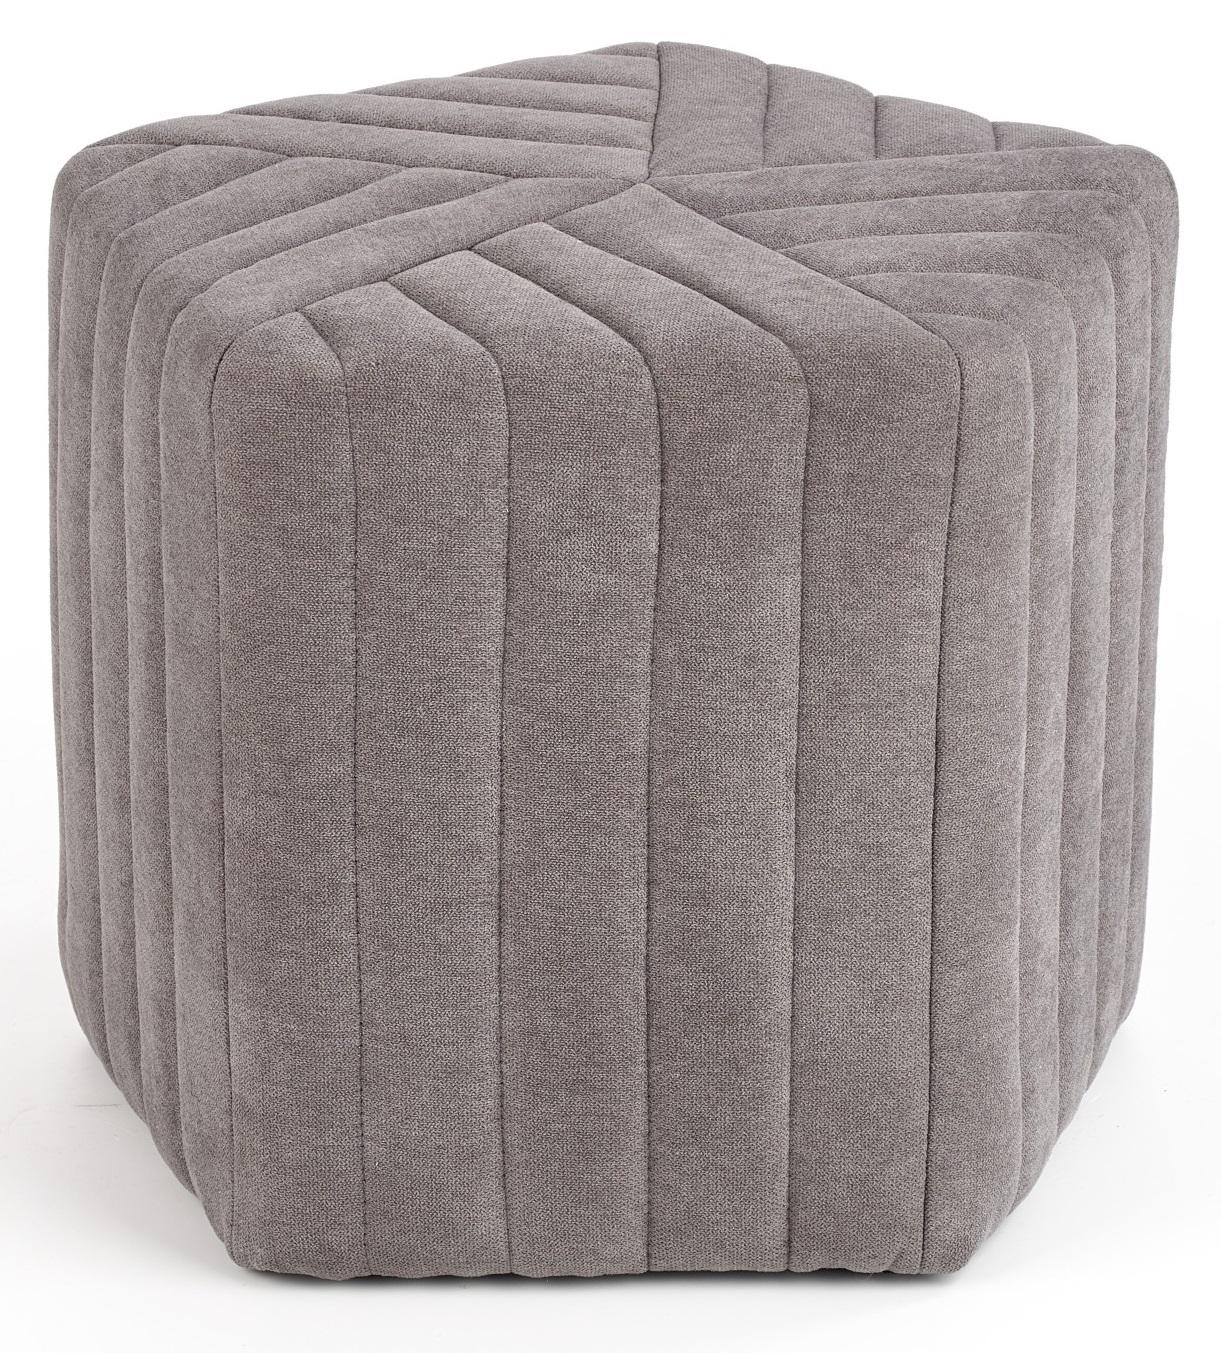 Poef Hexa small 40 cm hoog in grijs | Home Style